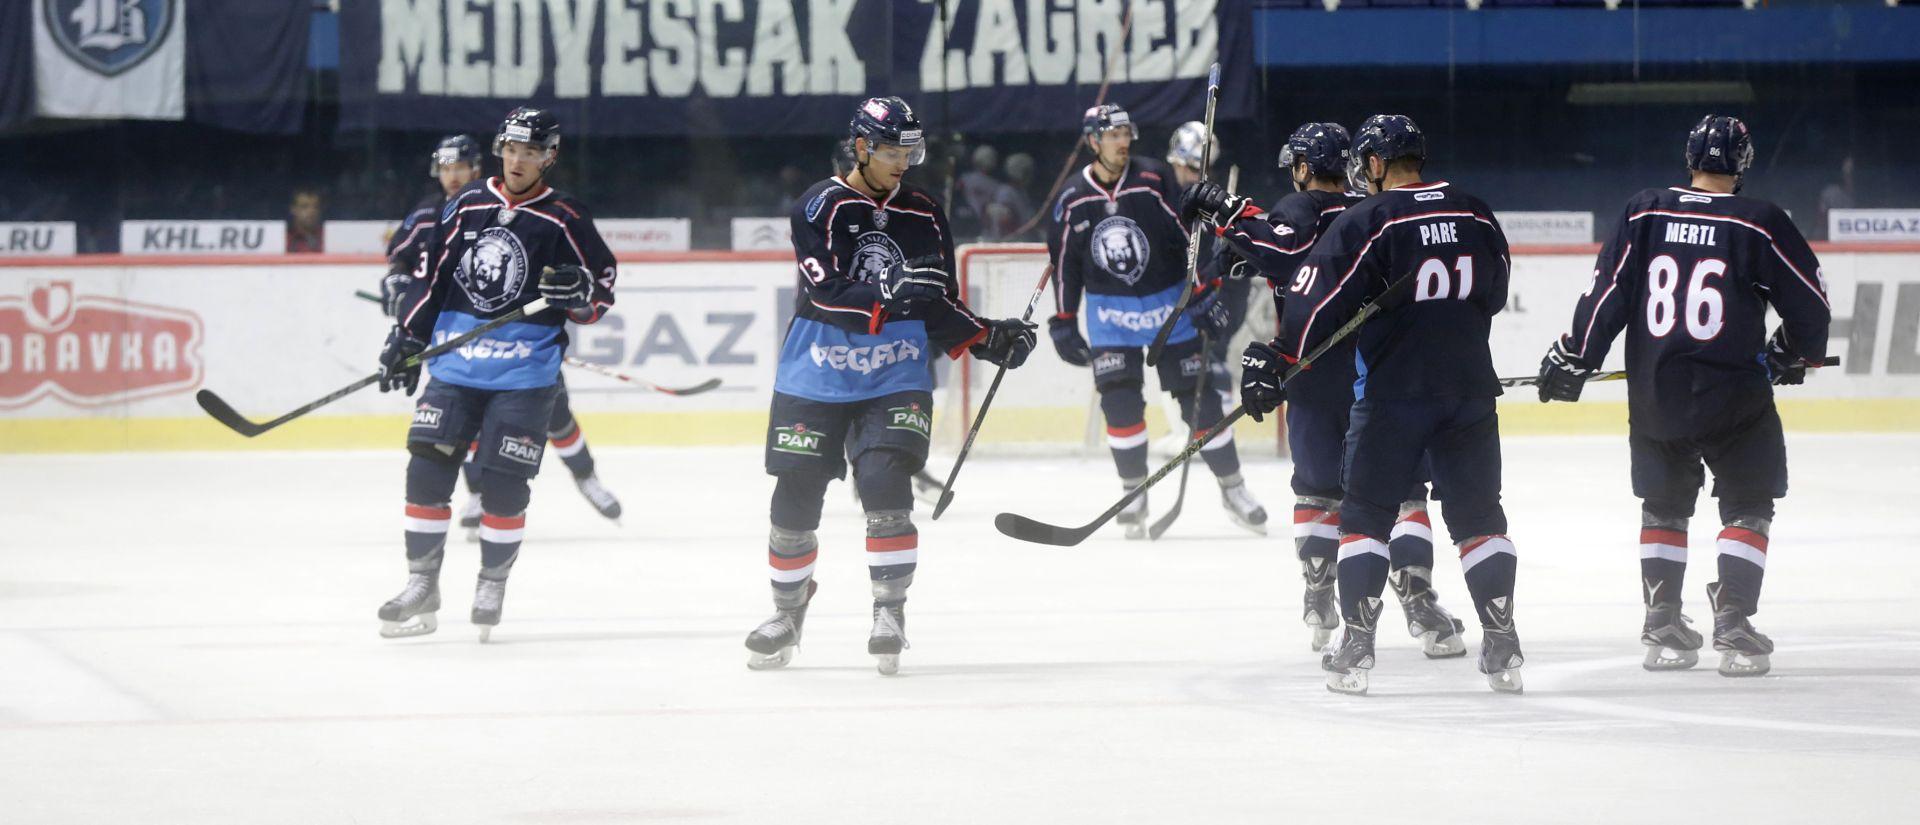 KHL: Težak poraz Medveščaka